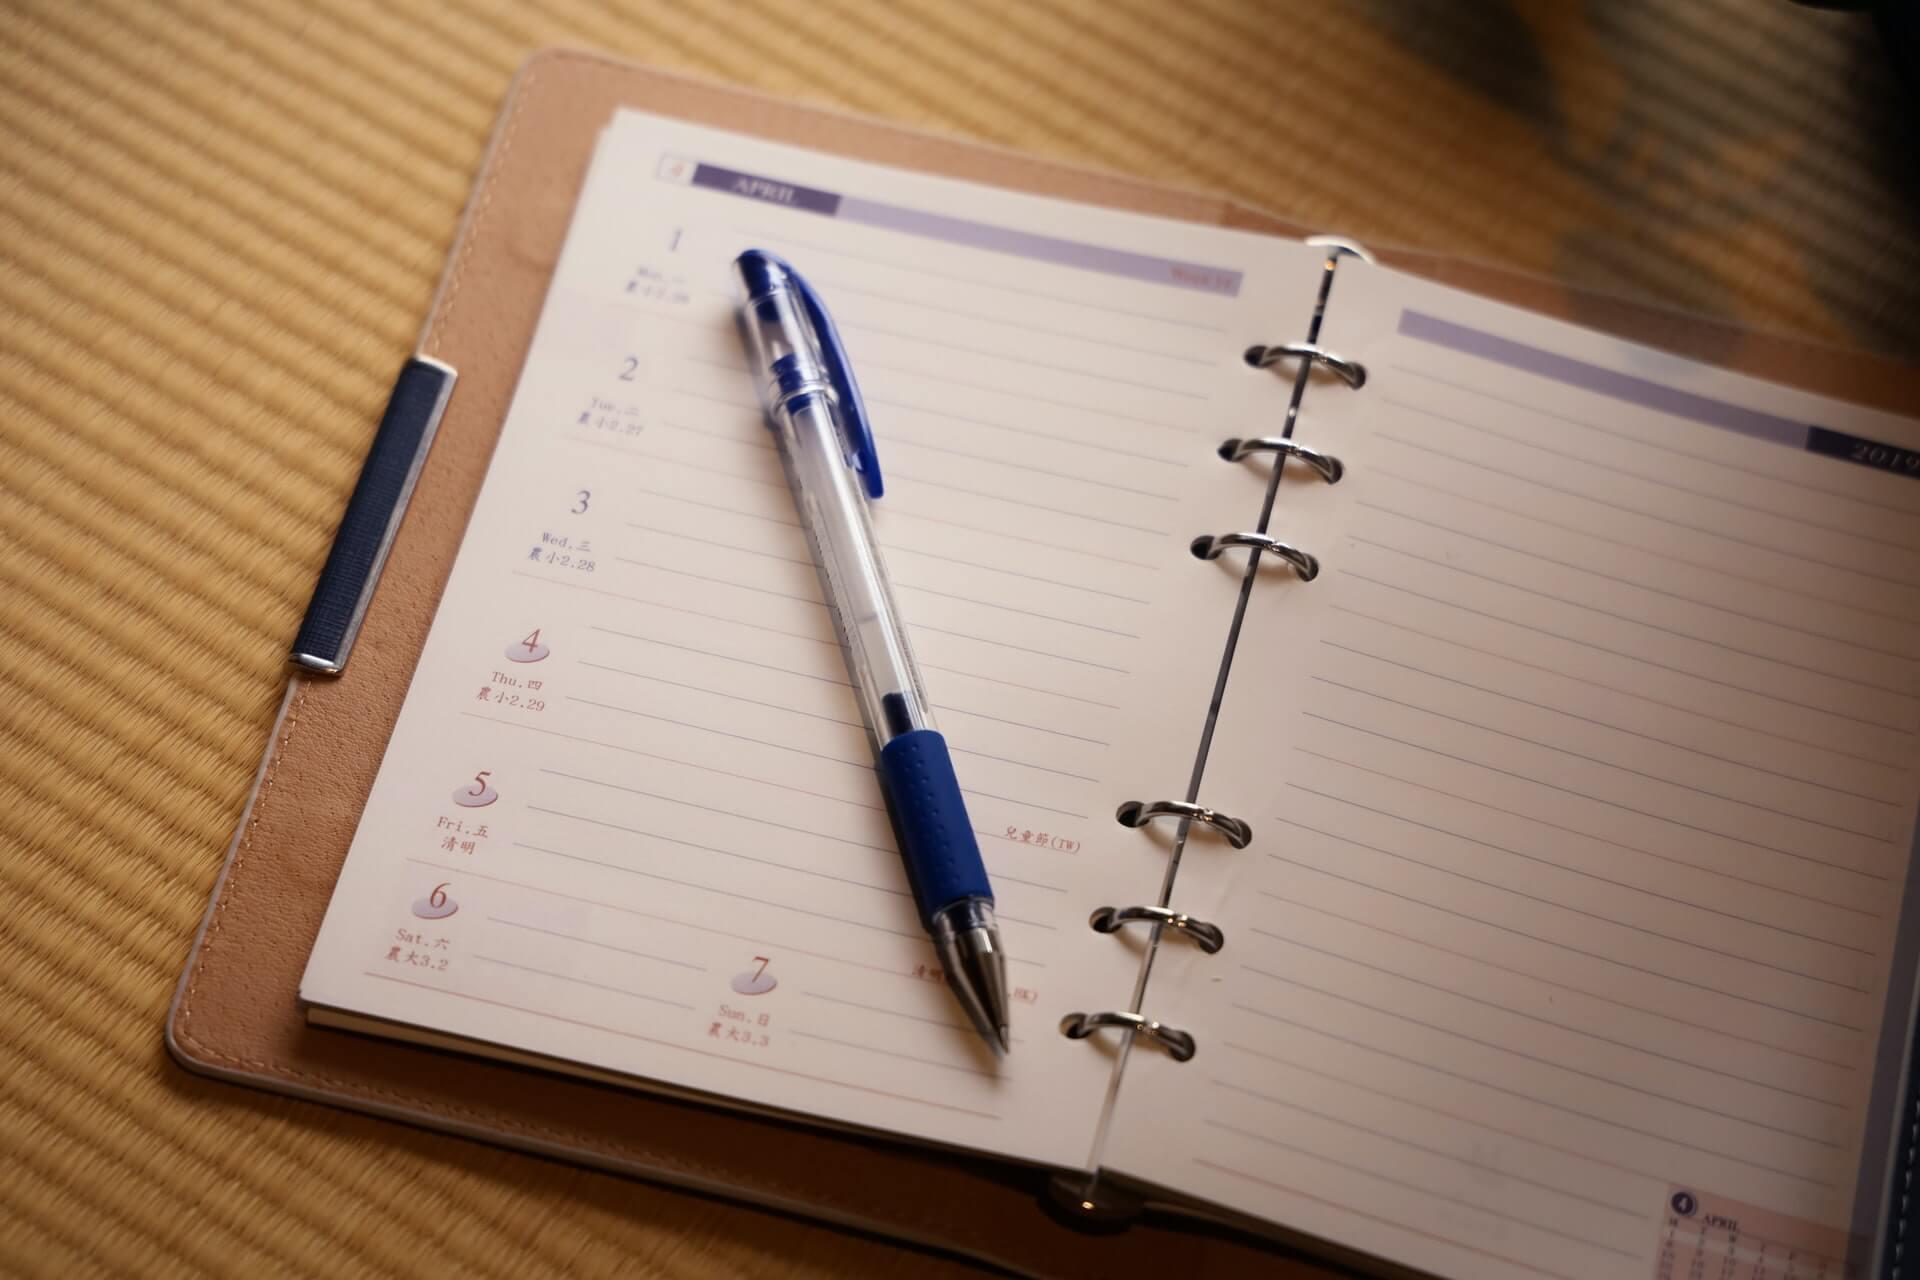 ボールペンの文字やインク汚れを消すには?素材別の消し方を紹介